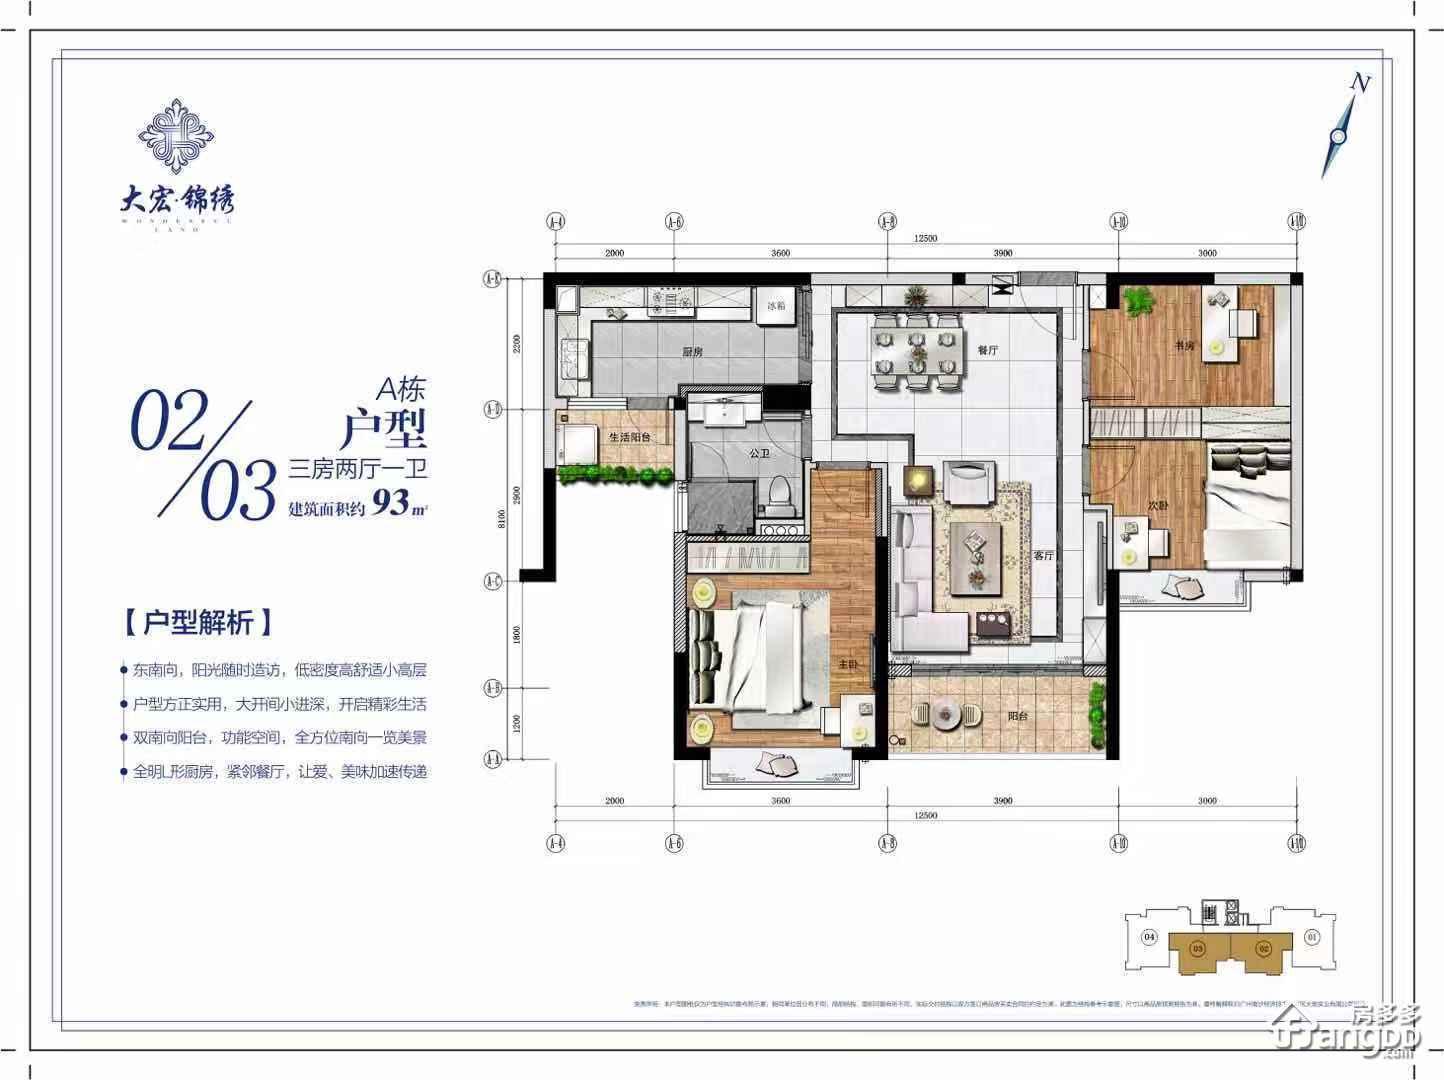 大宏锦绣3室2厅1卫户型图